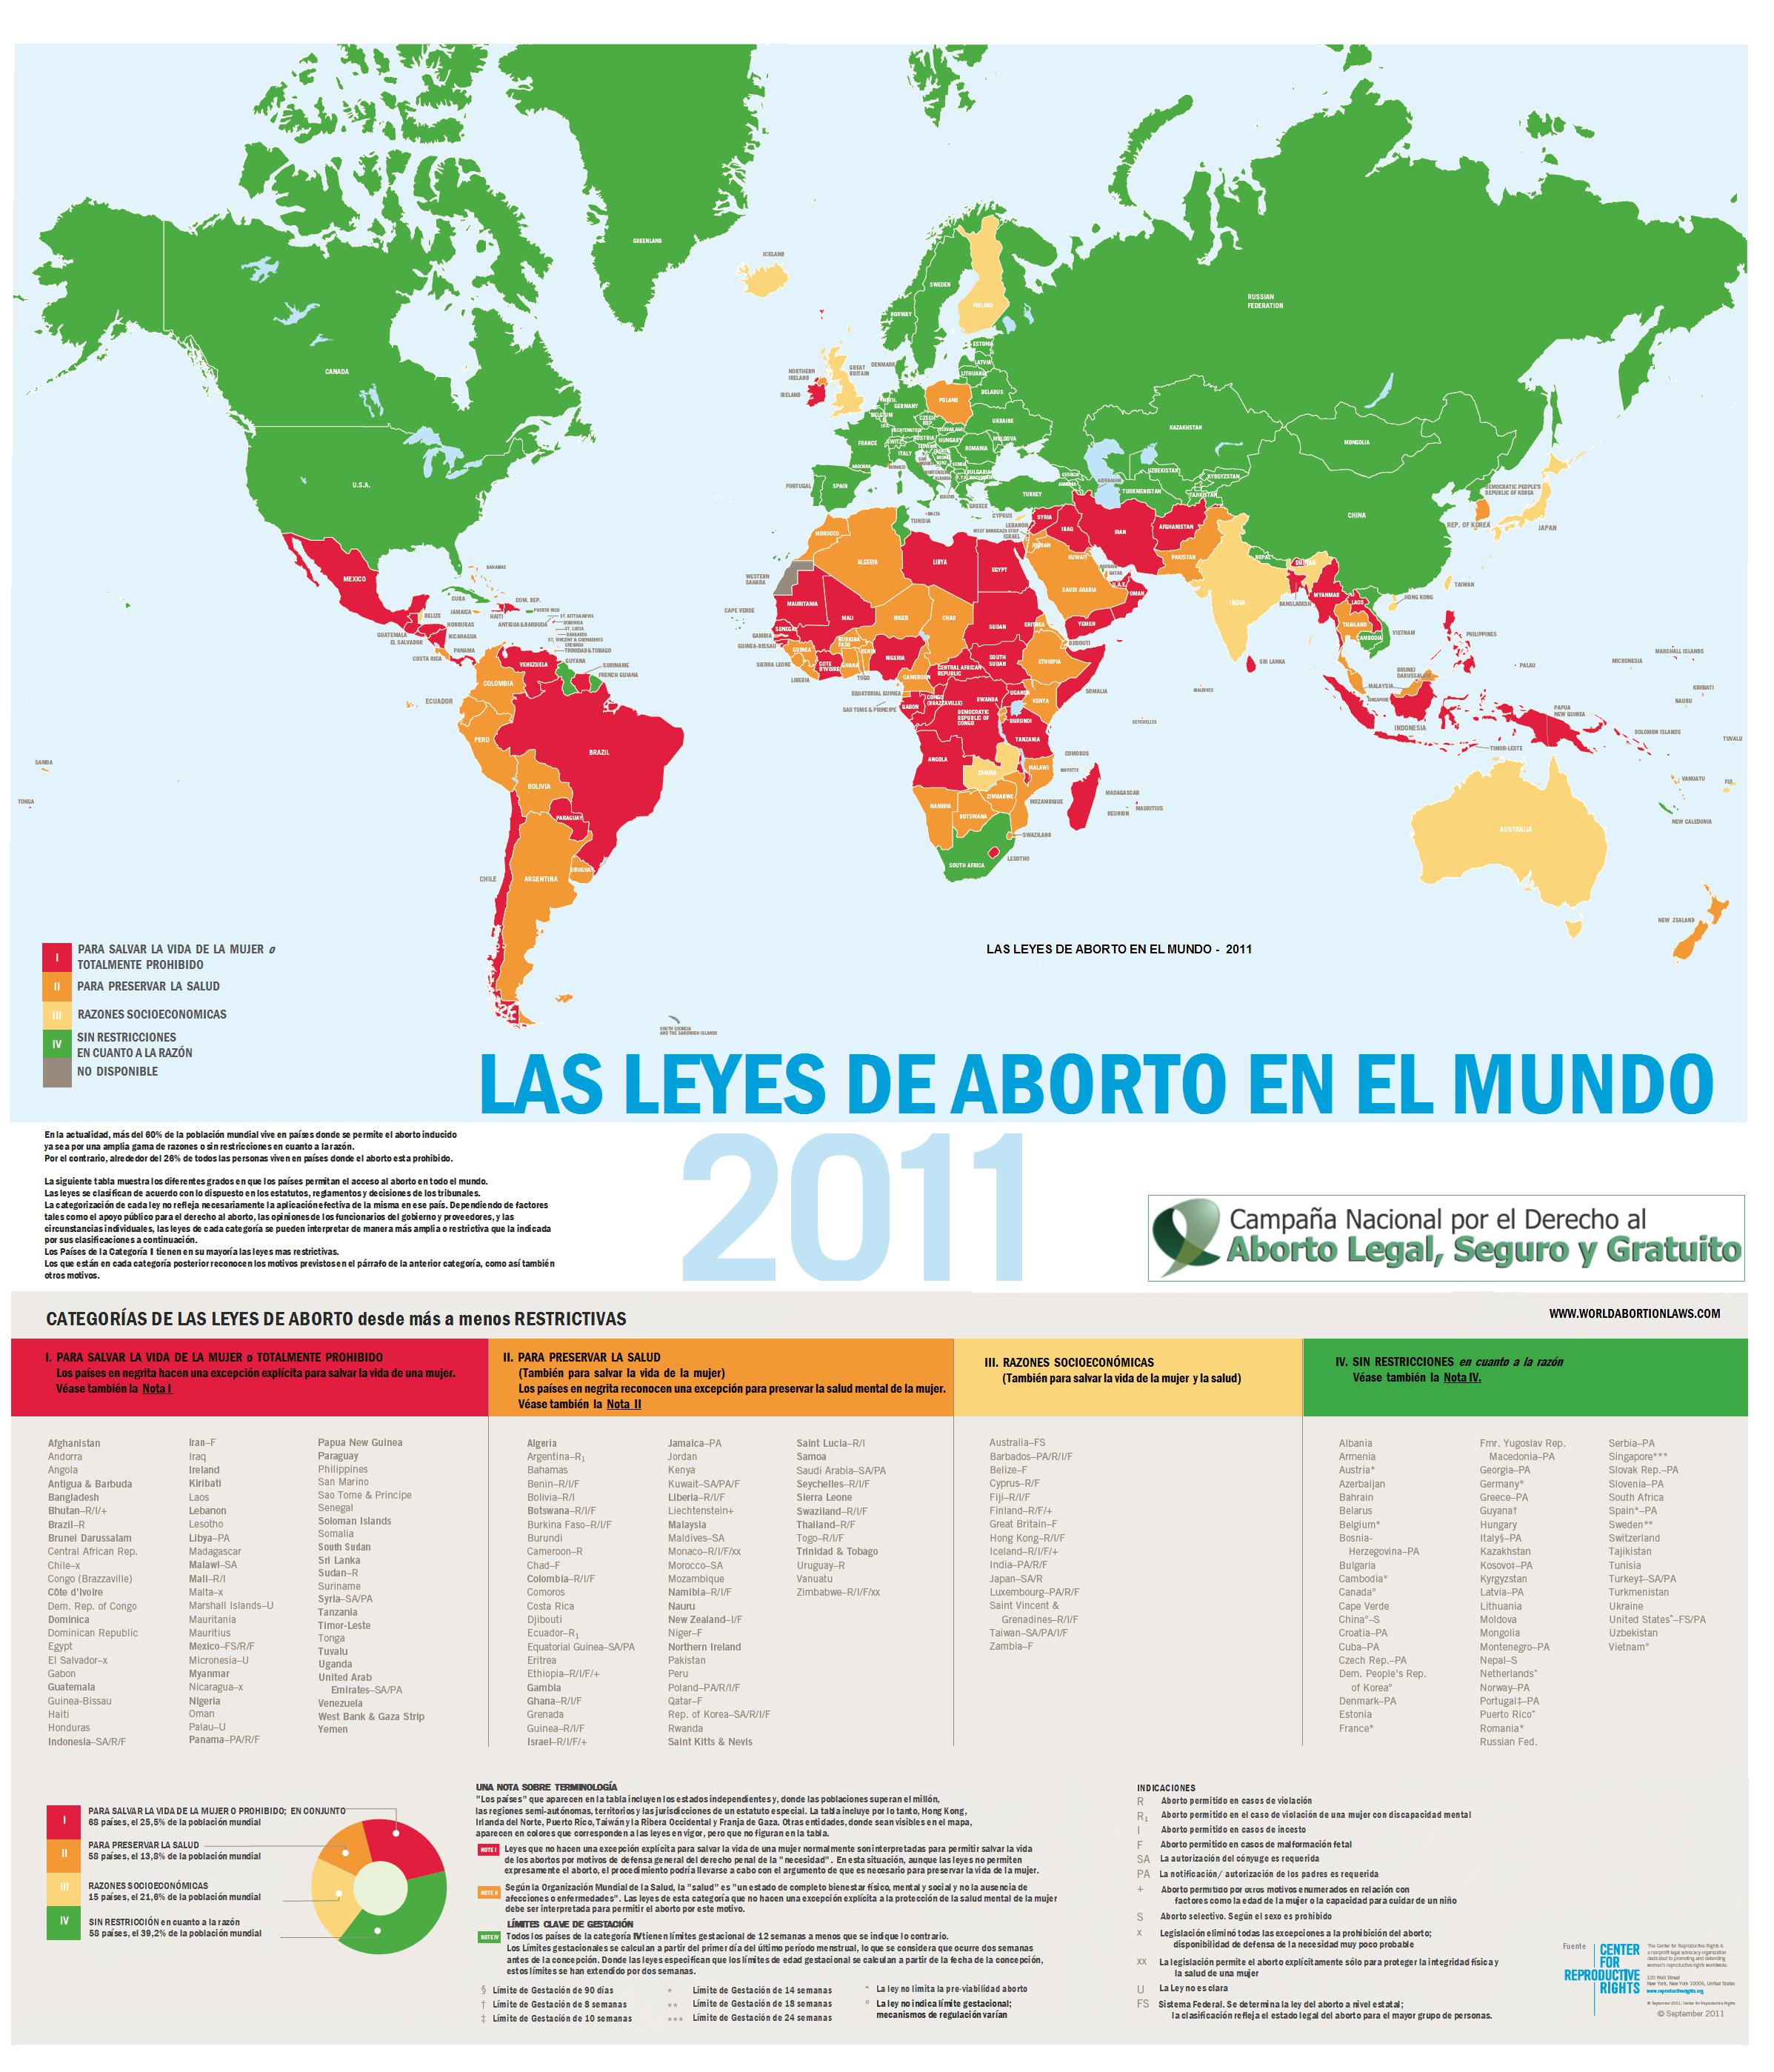 Ley 25.673 | Campaña por el Derecho al Aborto Legal Seguro